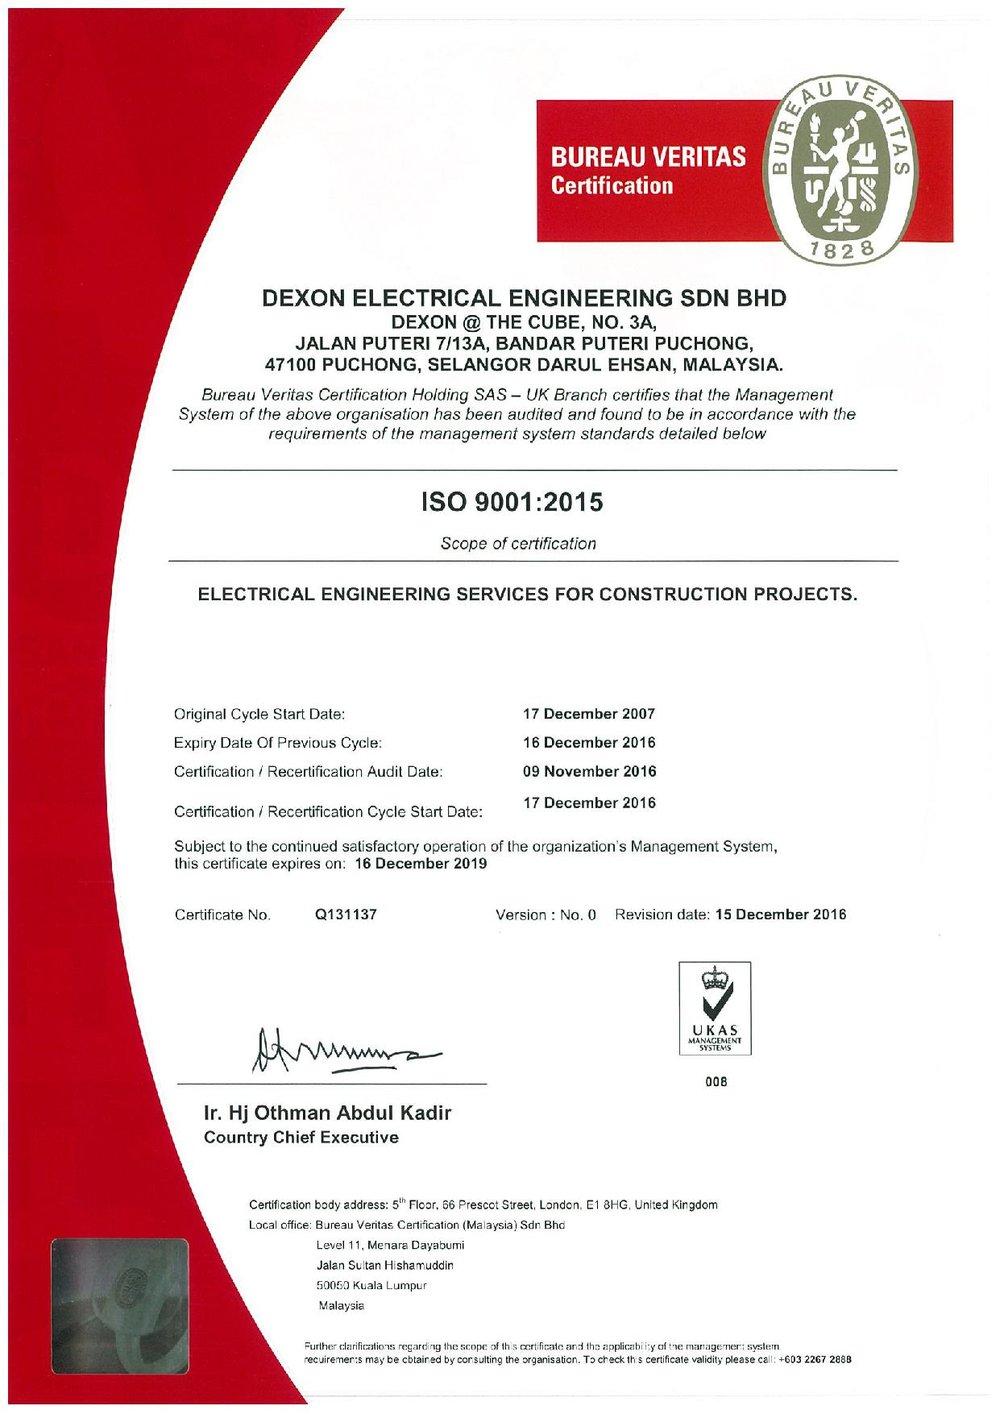 10 ISO 9001-2015 UKAS.jpg